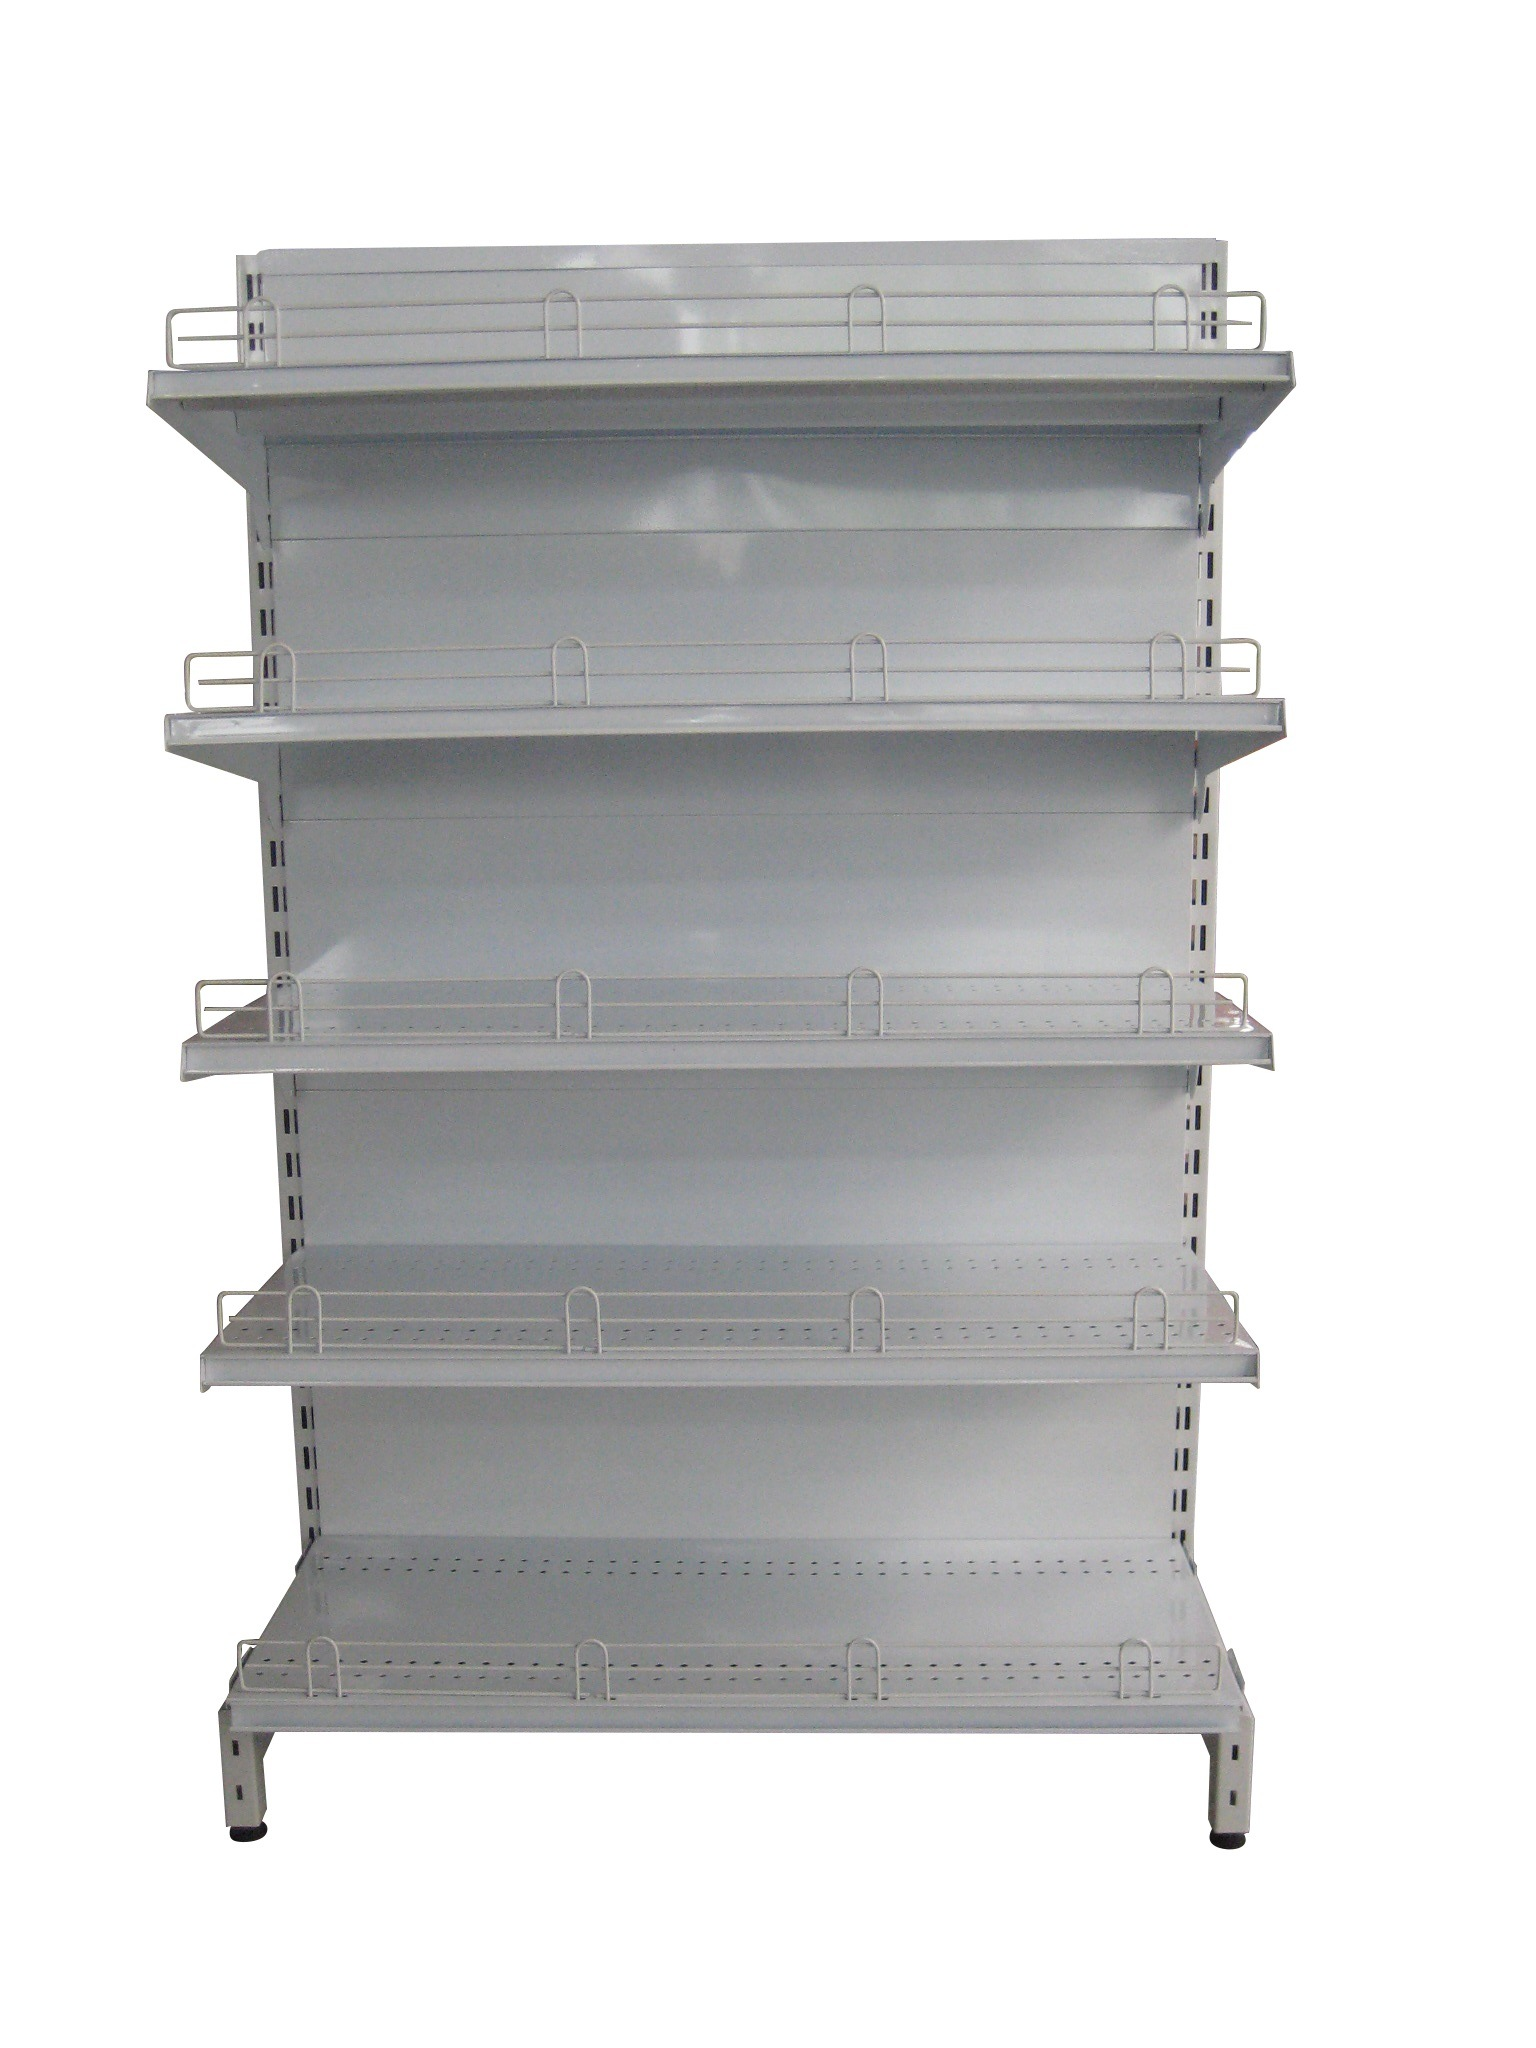 China Gondola Rack Double Sided Supermarket Display Shelving